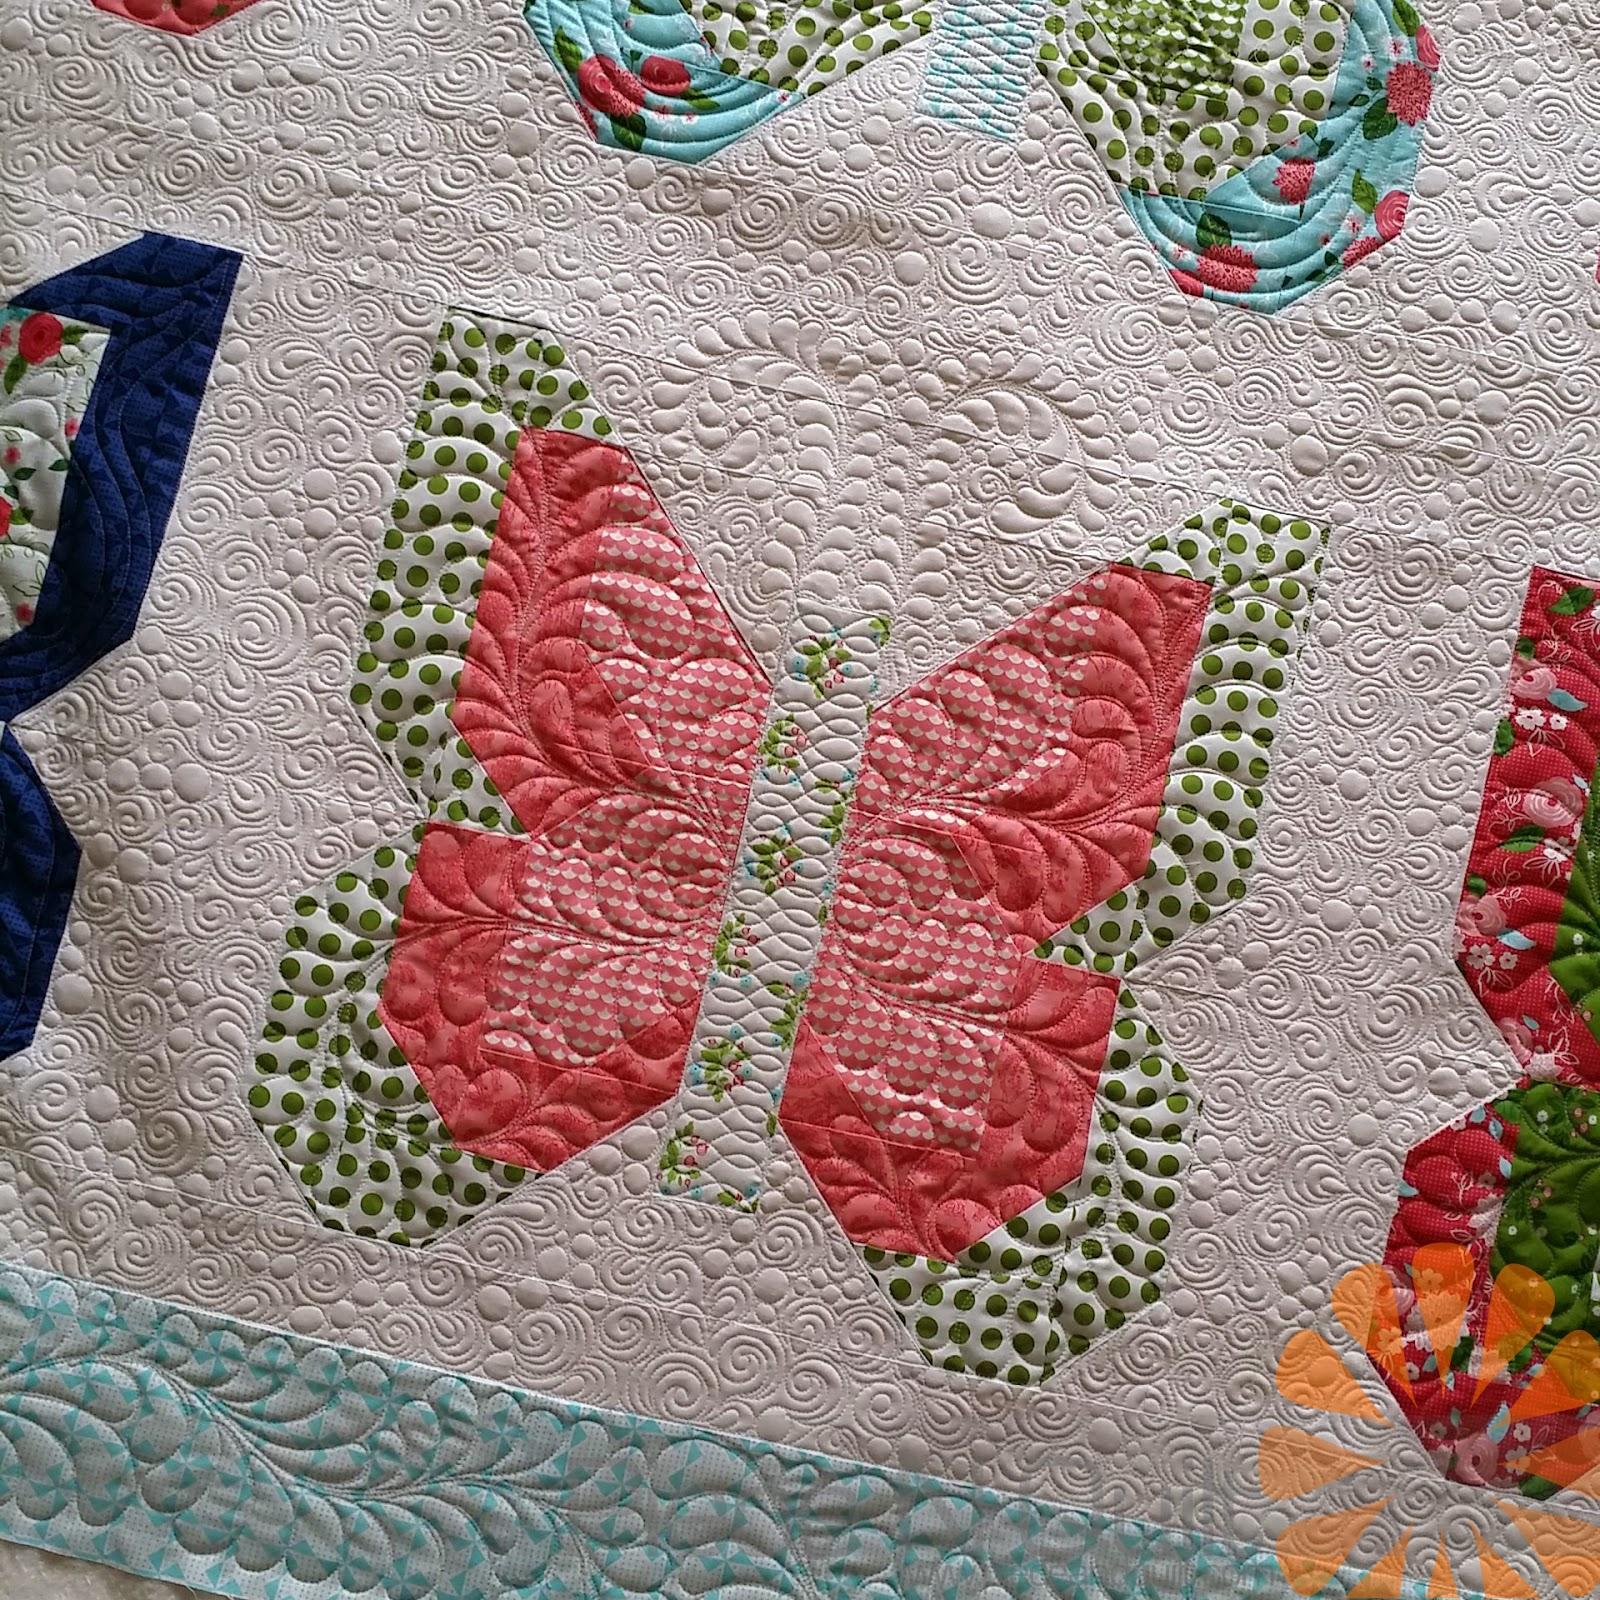 Piece N Quilt: Social Butterfly- The Quilt : butterfly quilt - Adamdwight.com